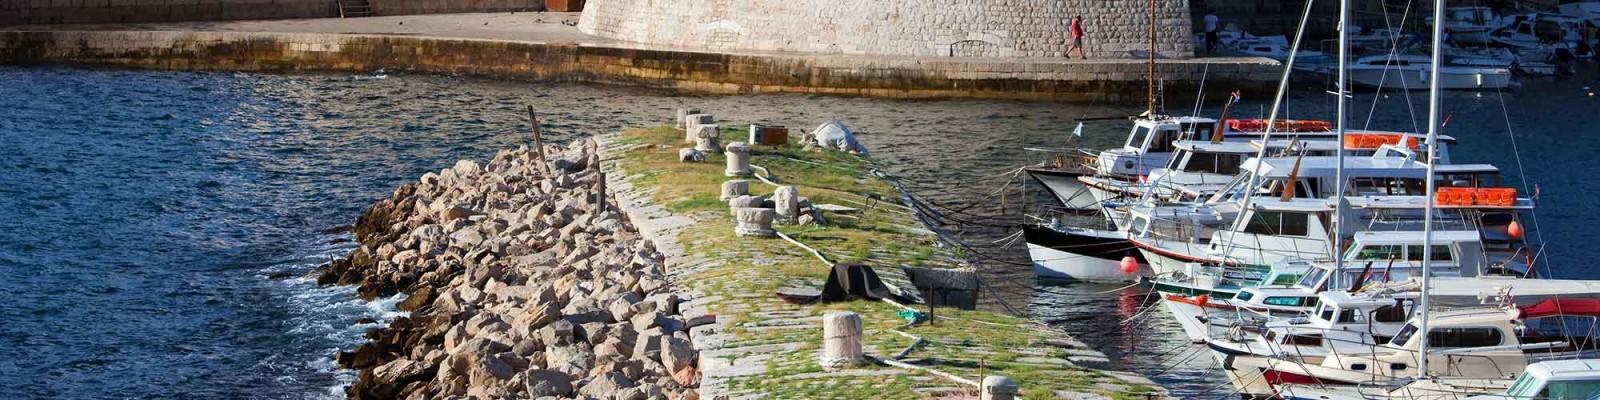 Tenrag Yacht Charter: Croatian charters